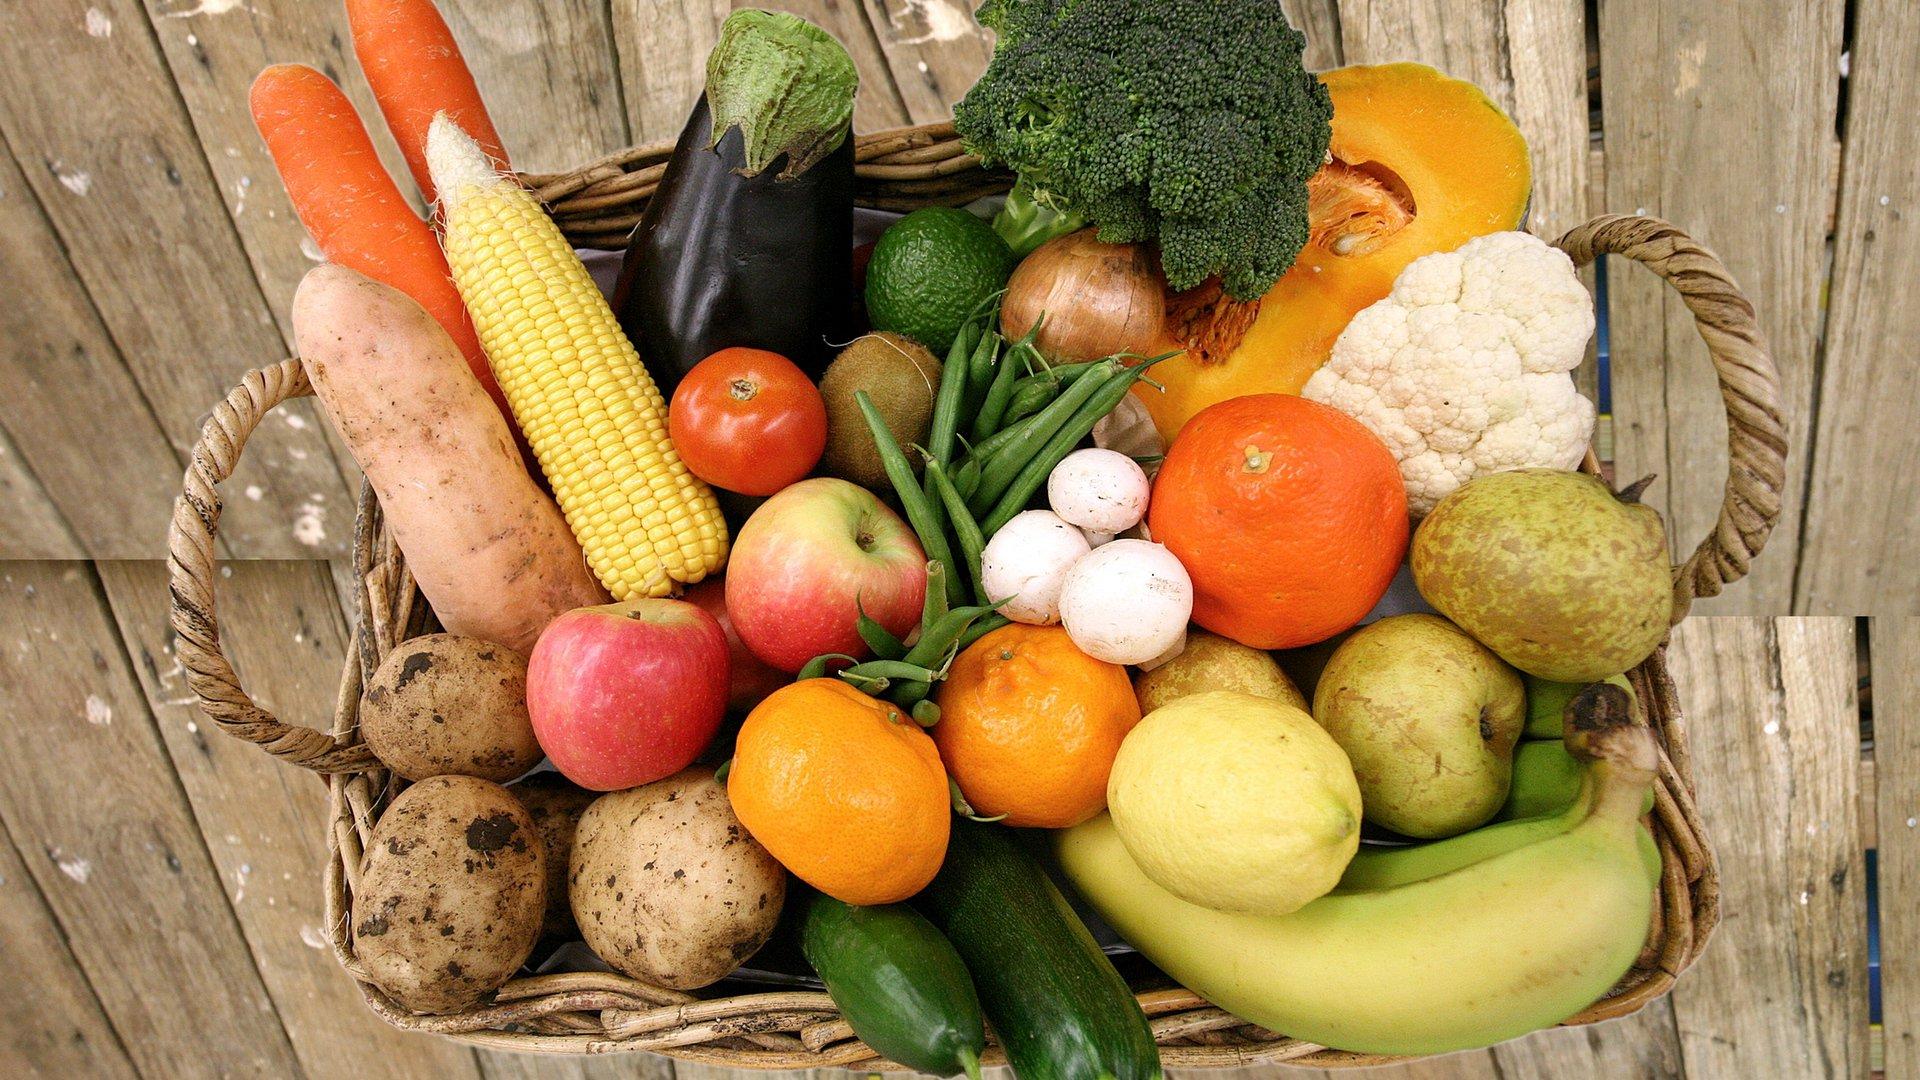 Картинки еды овощи фрукты